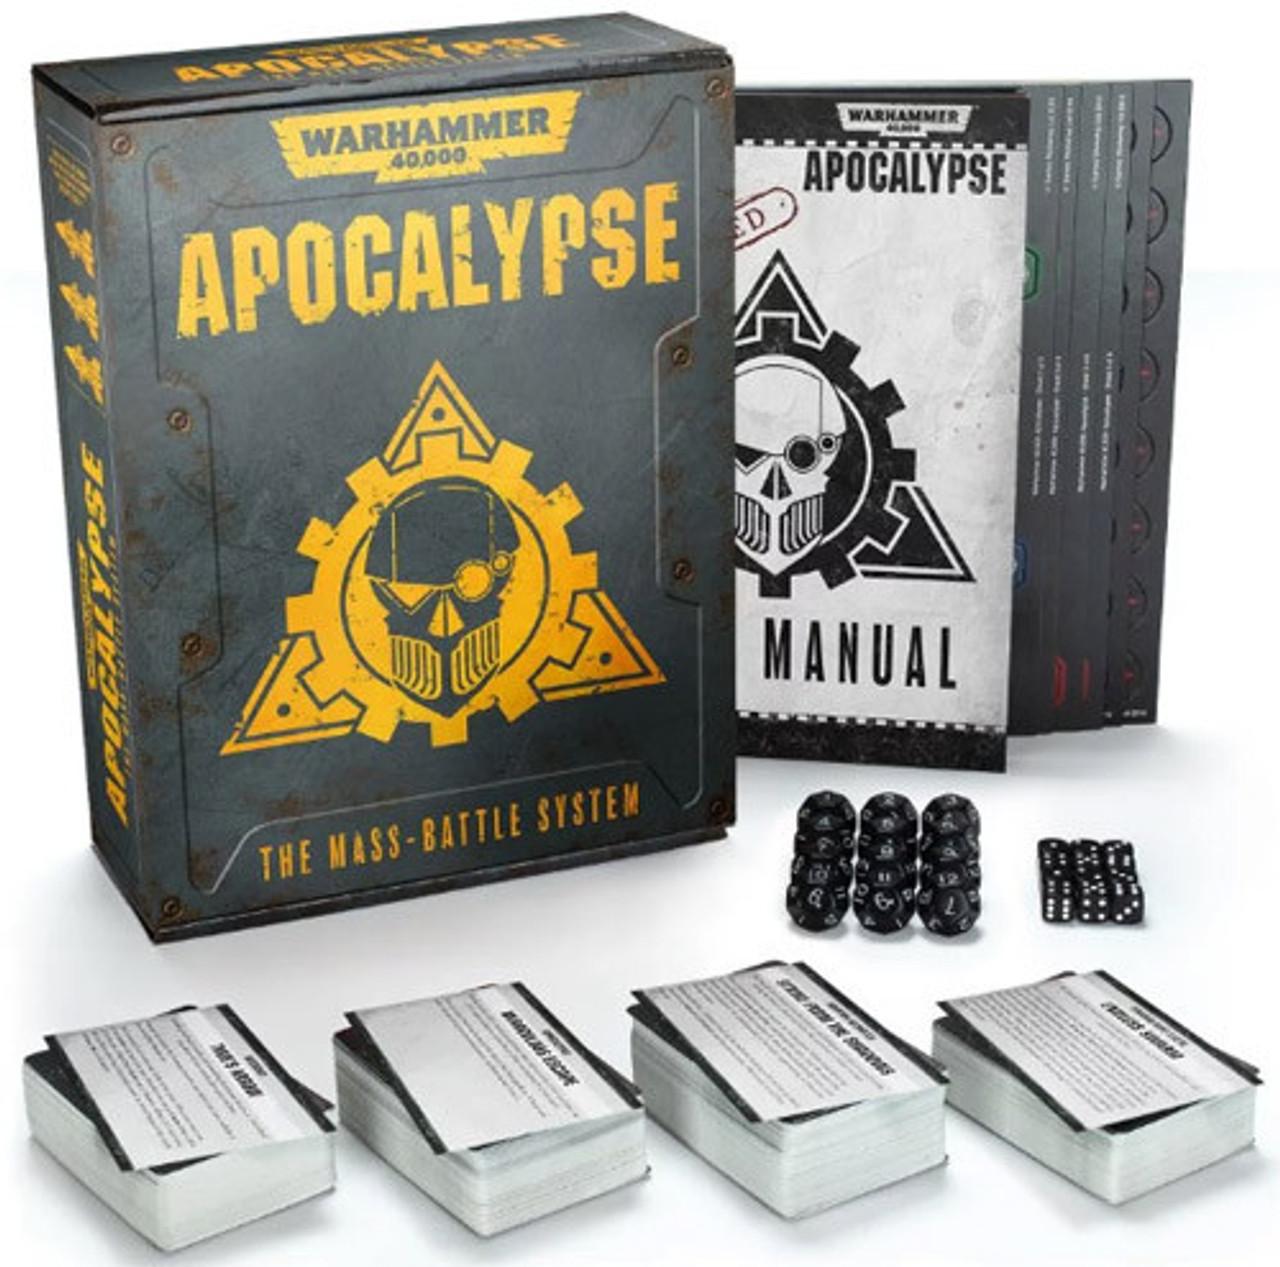 Warhammer 40K: Apocalypse